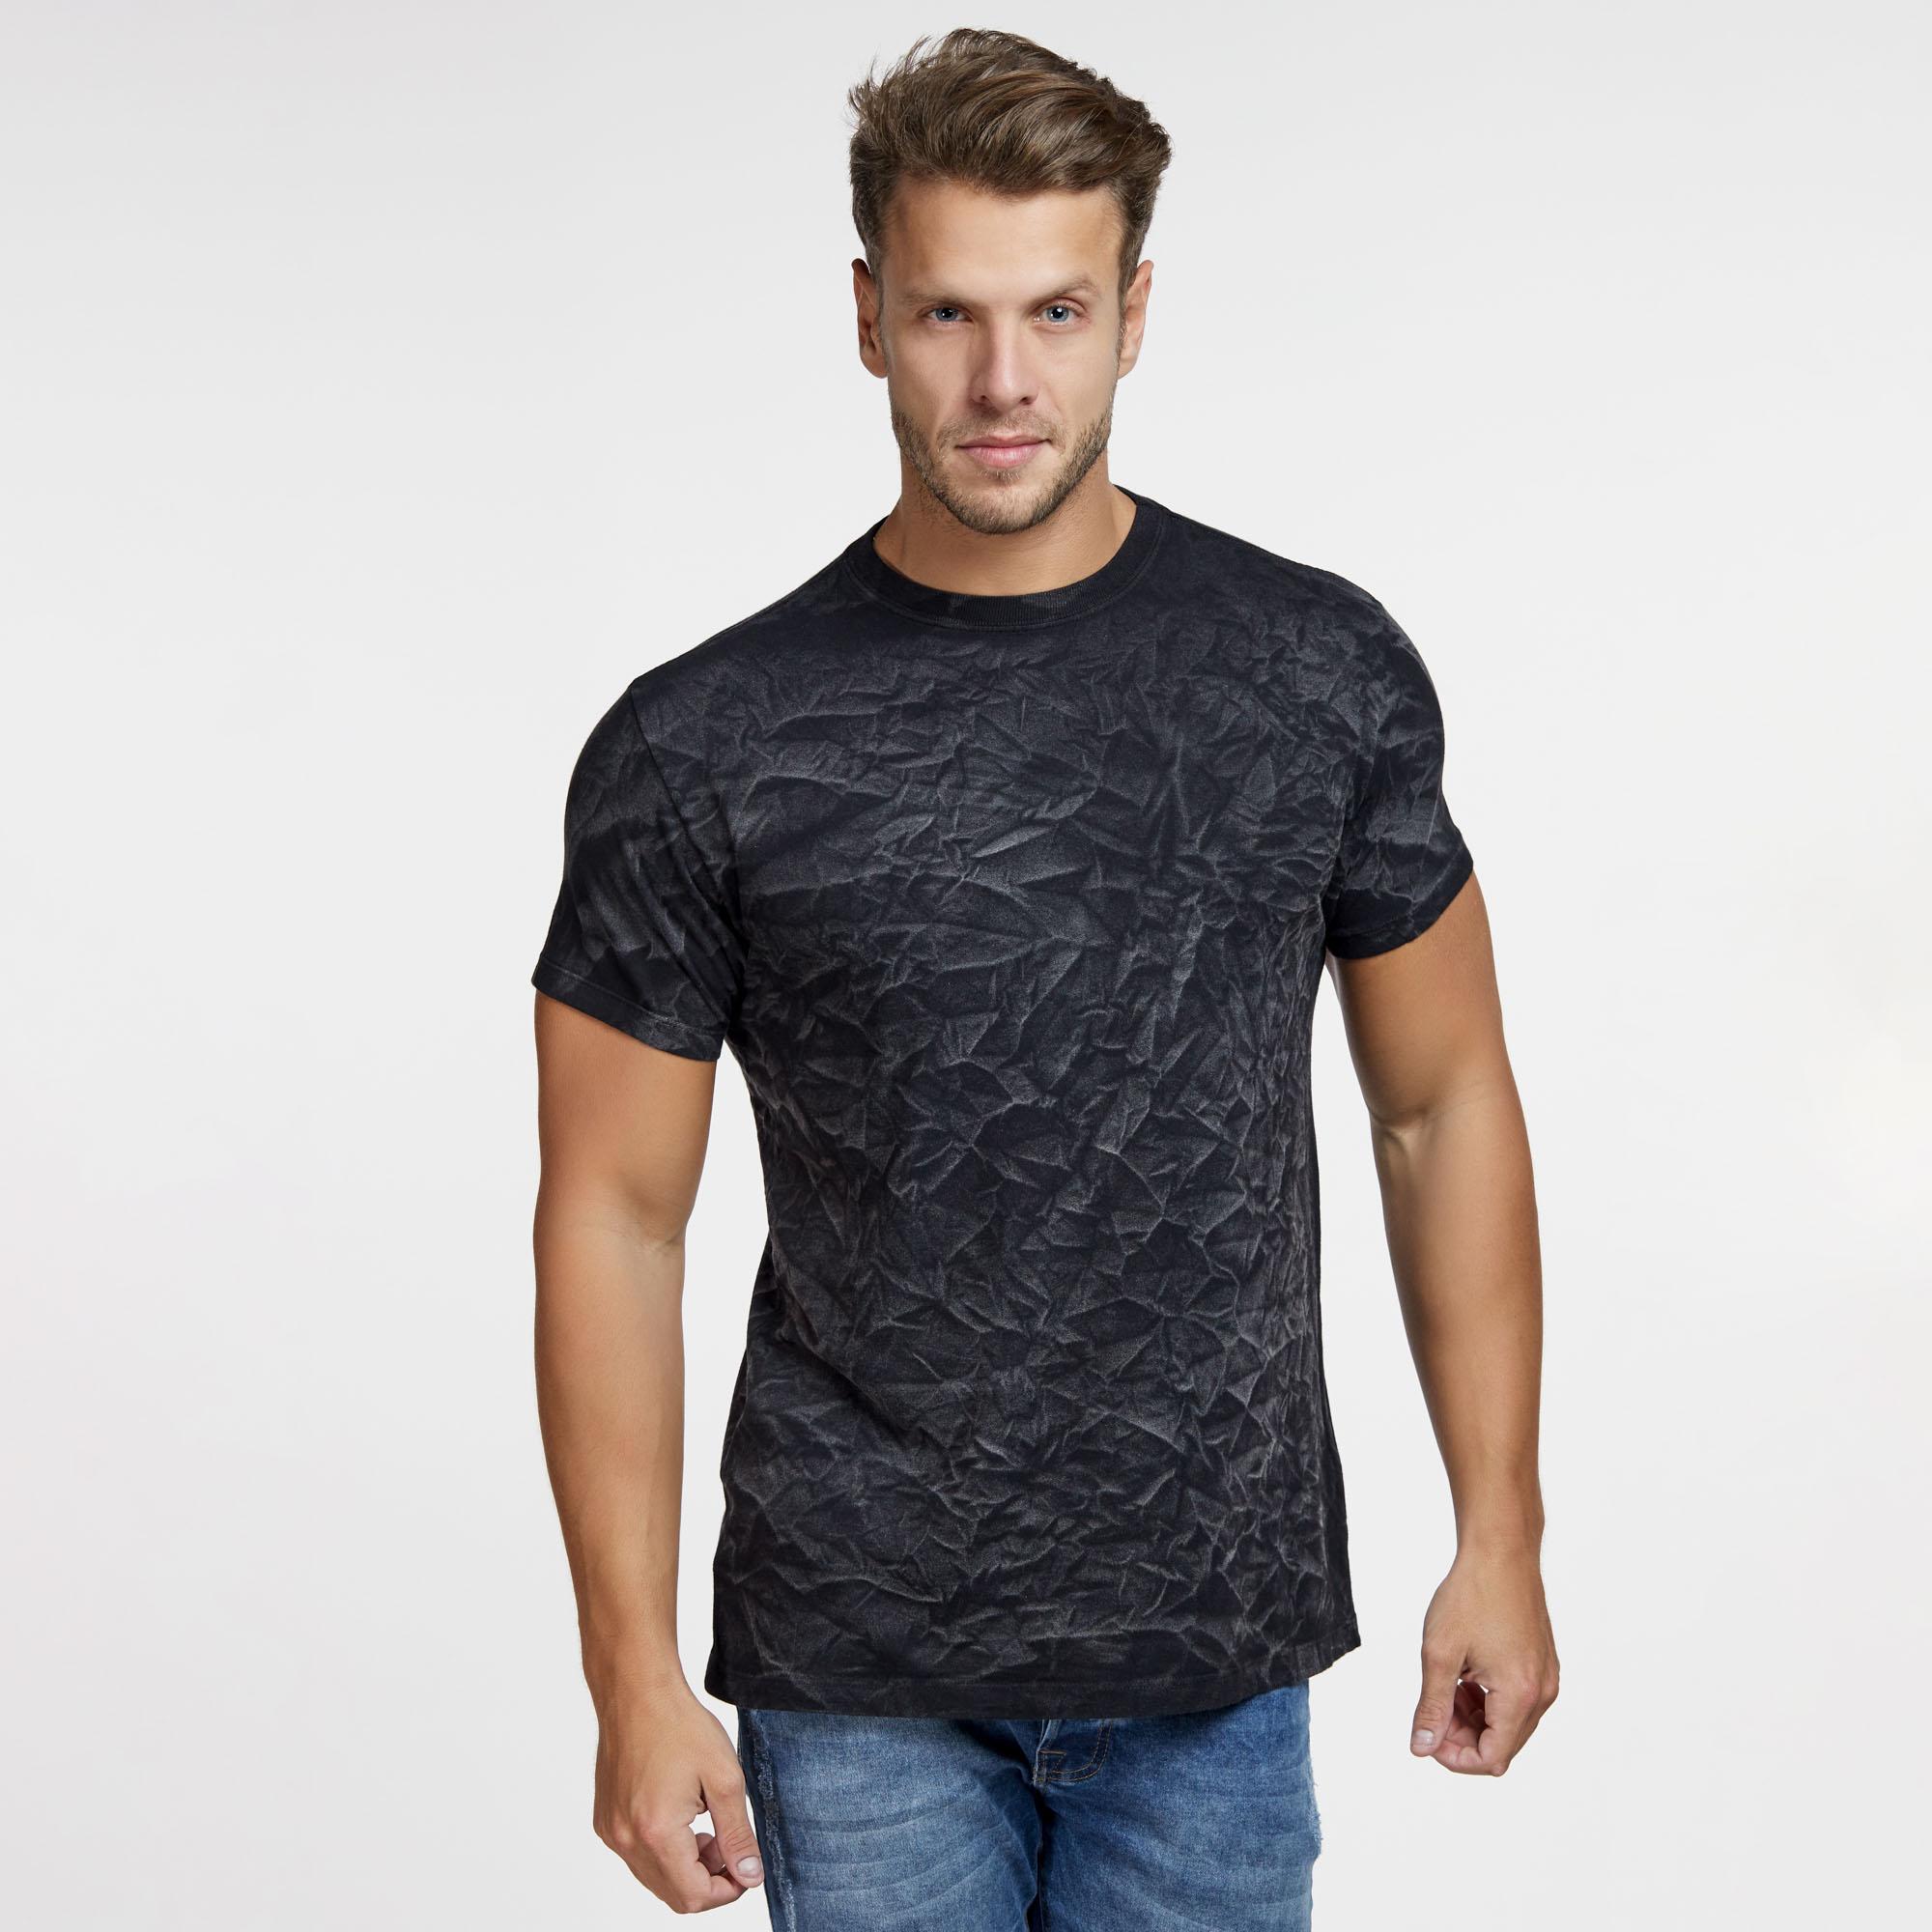 Camiseta Masculina 3D Preta